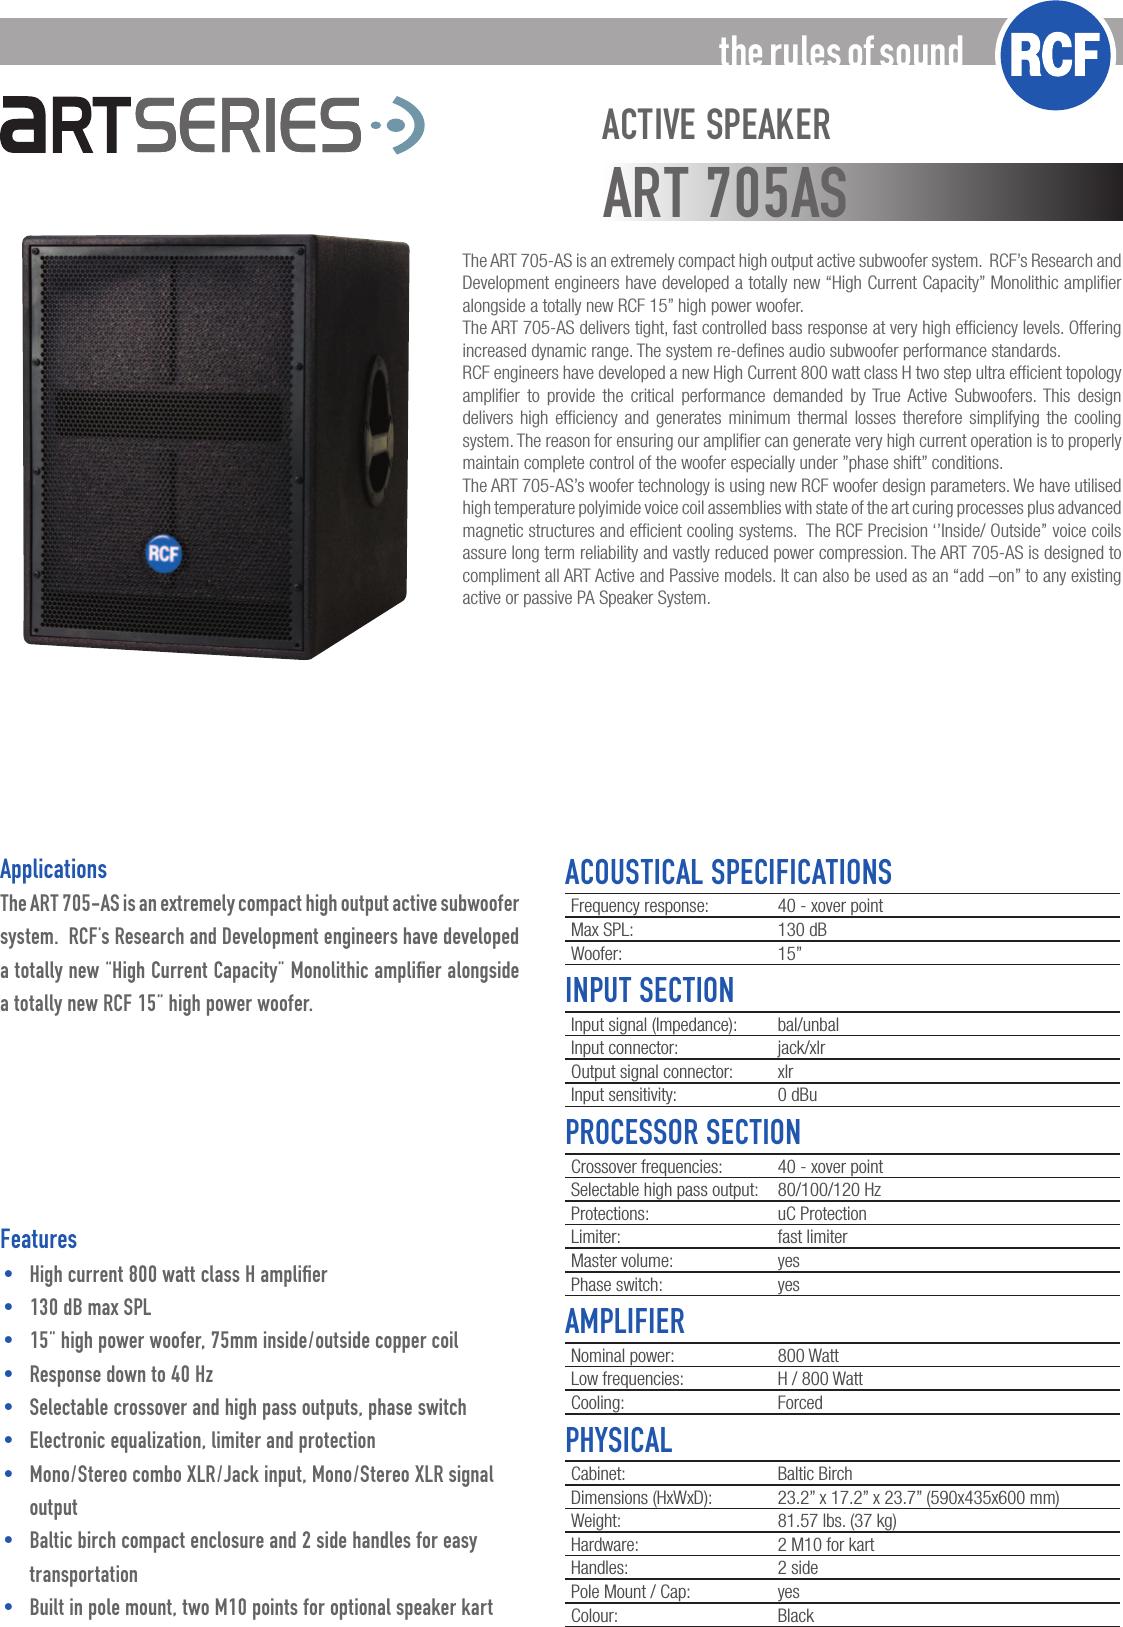 Rcfartsub705As 705AS User Manual